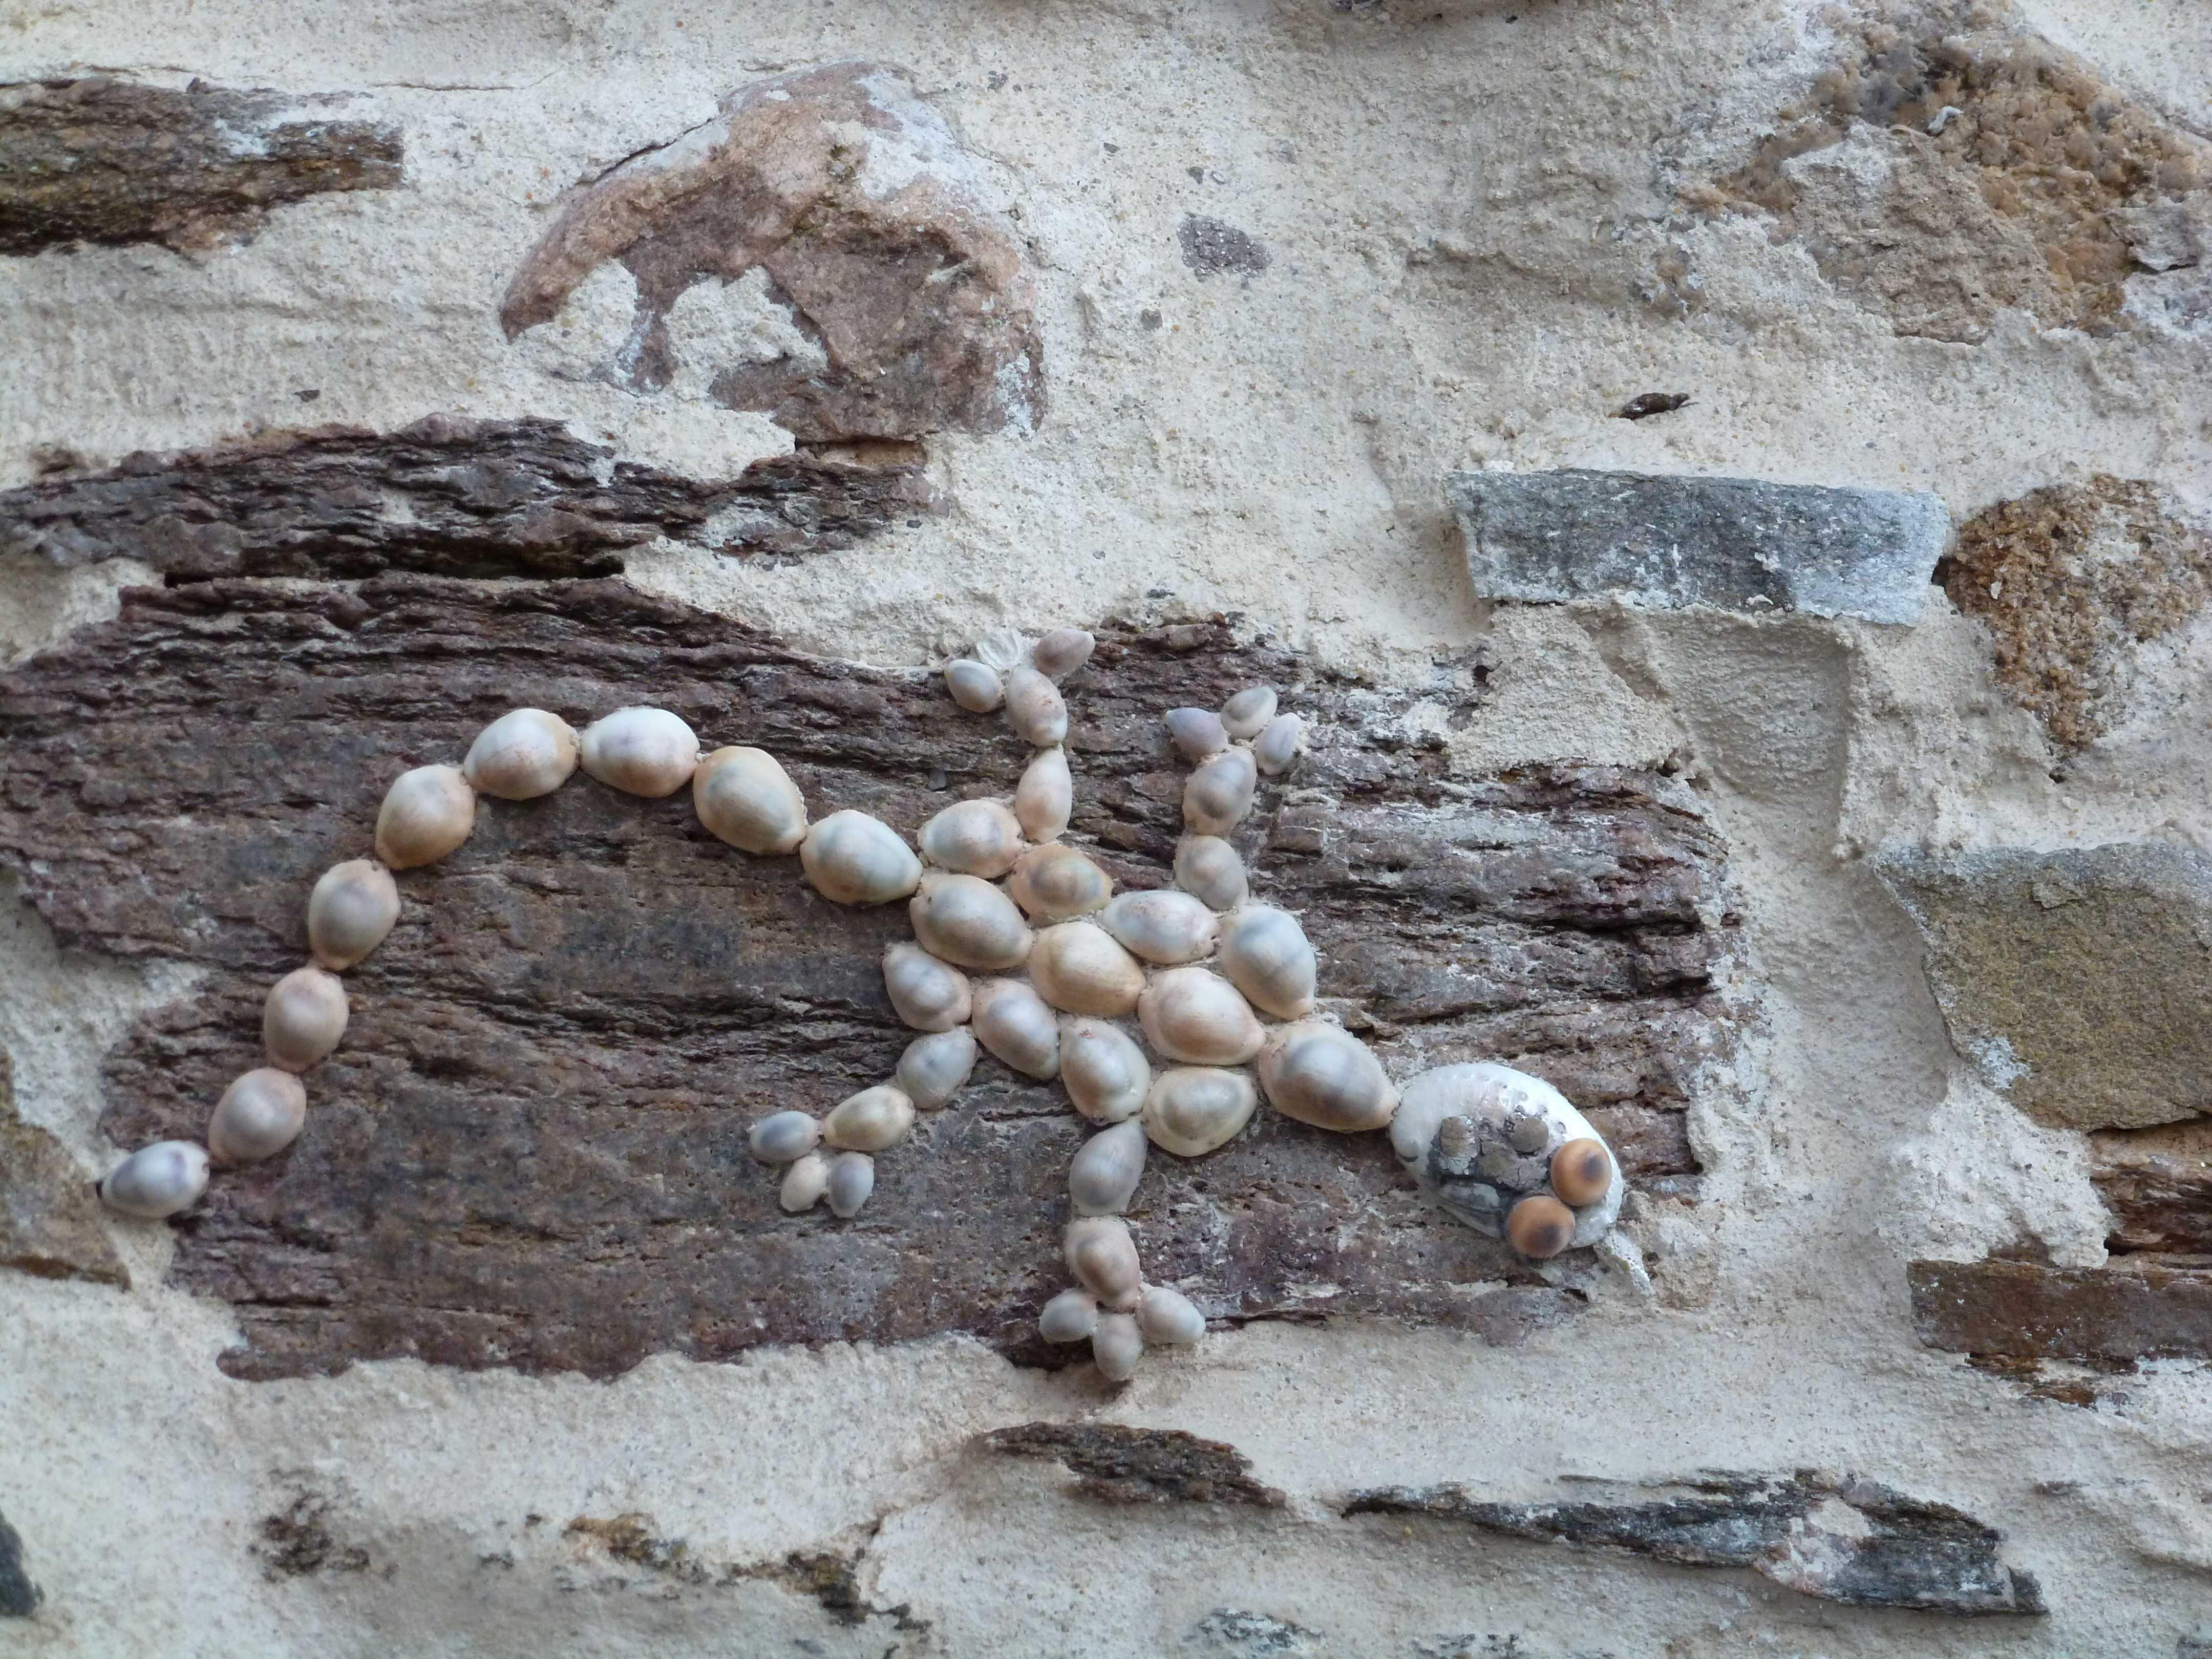 lezard de coquillages Ile-Penotte Sables d'Olonne 2014